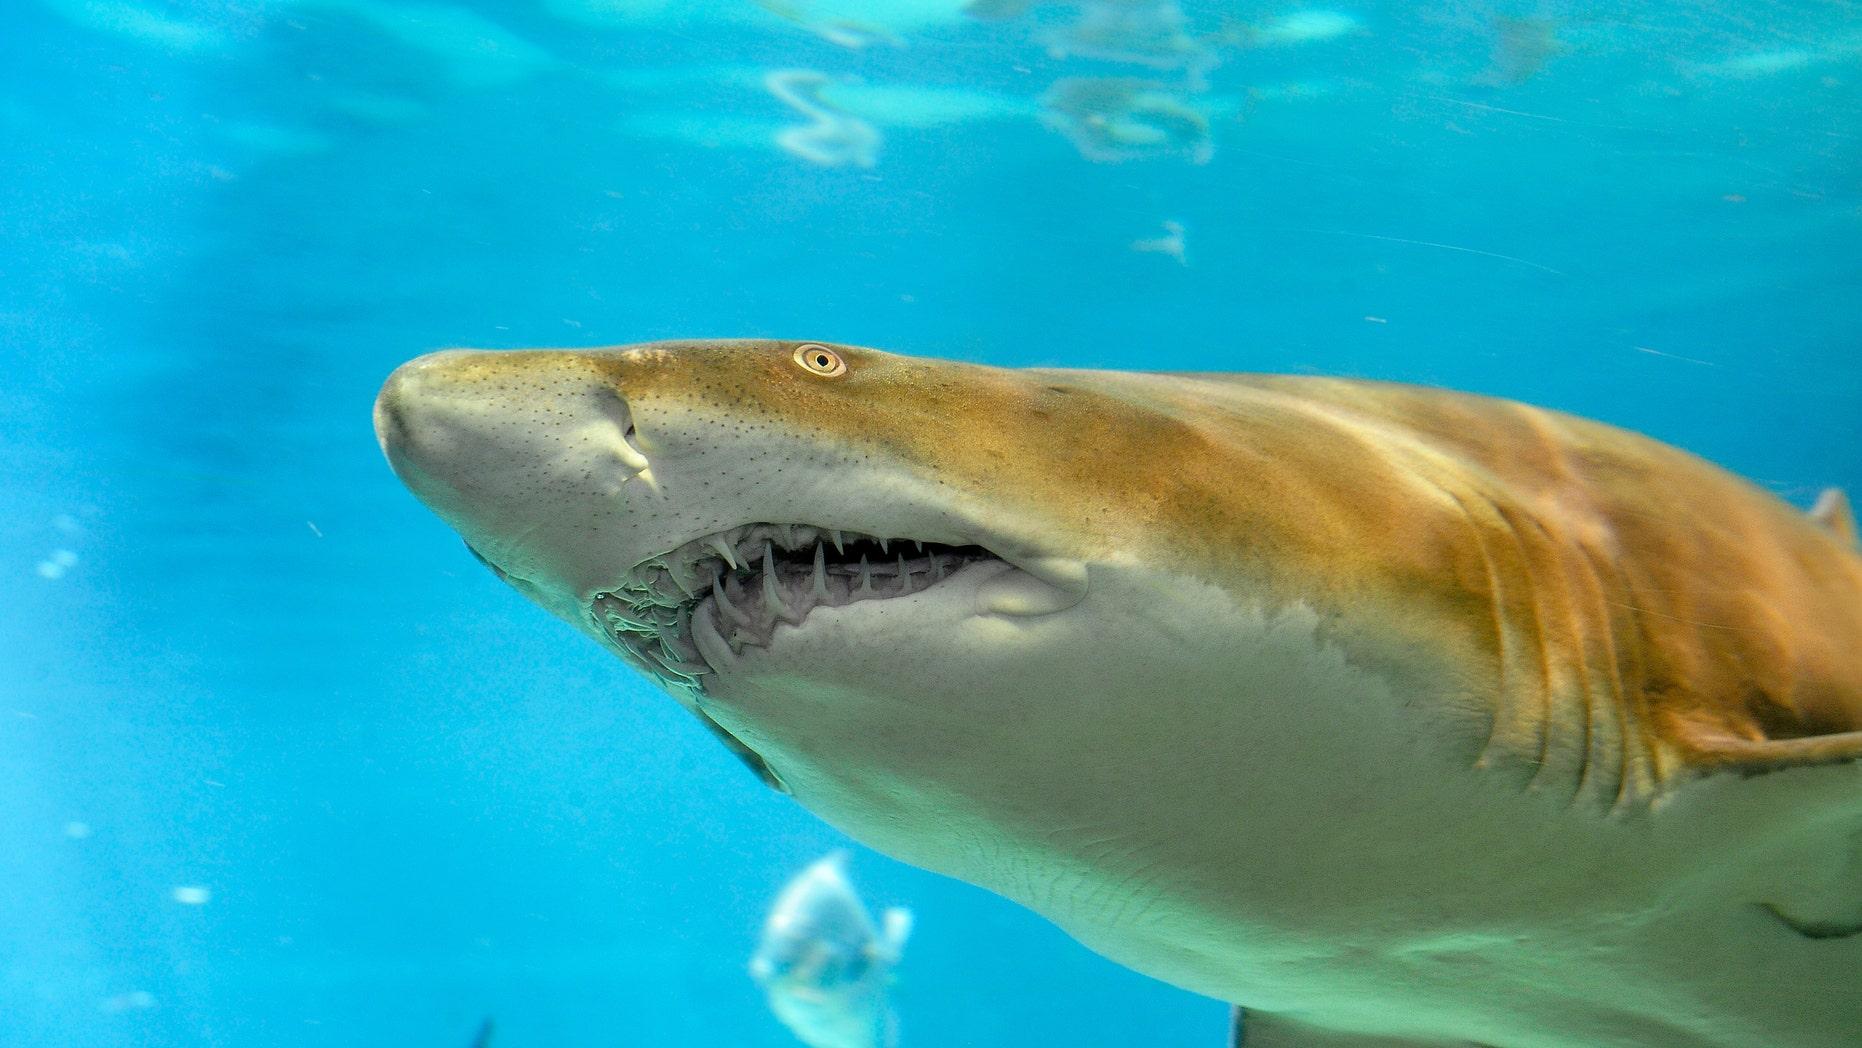 Sand tiger shark (Credit: Julie Larsen Maher)